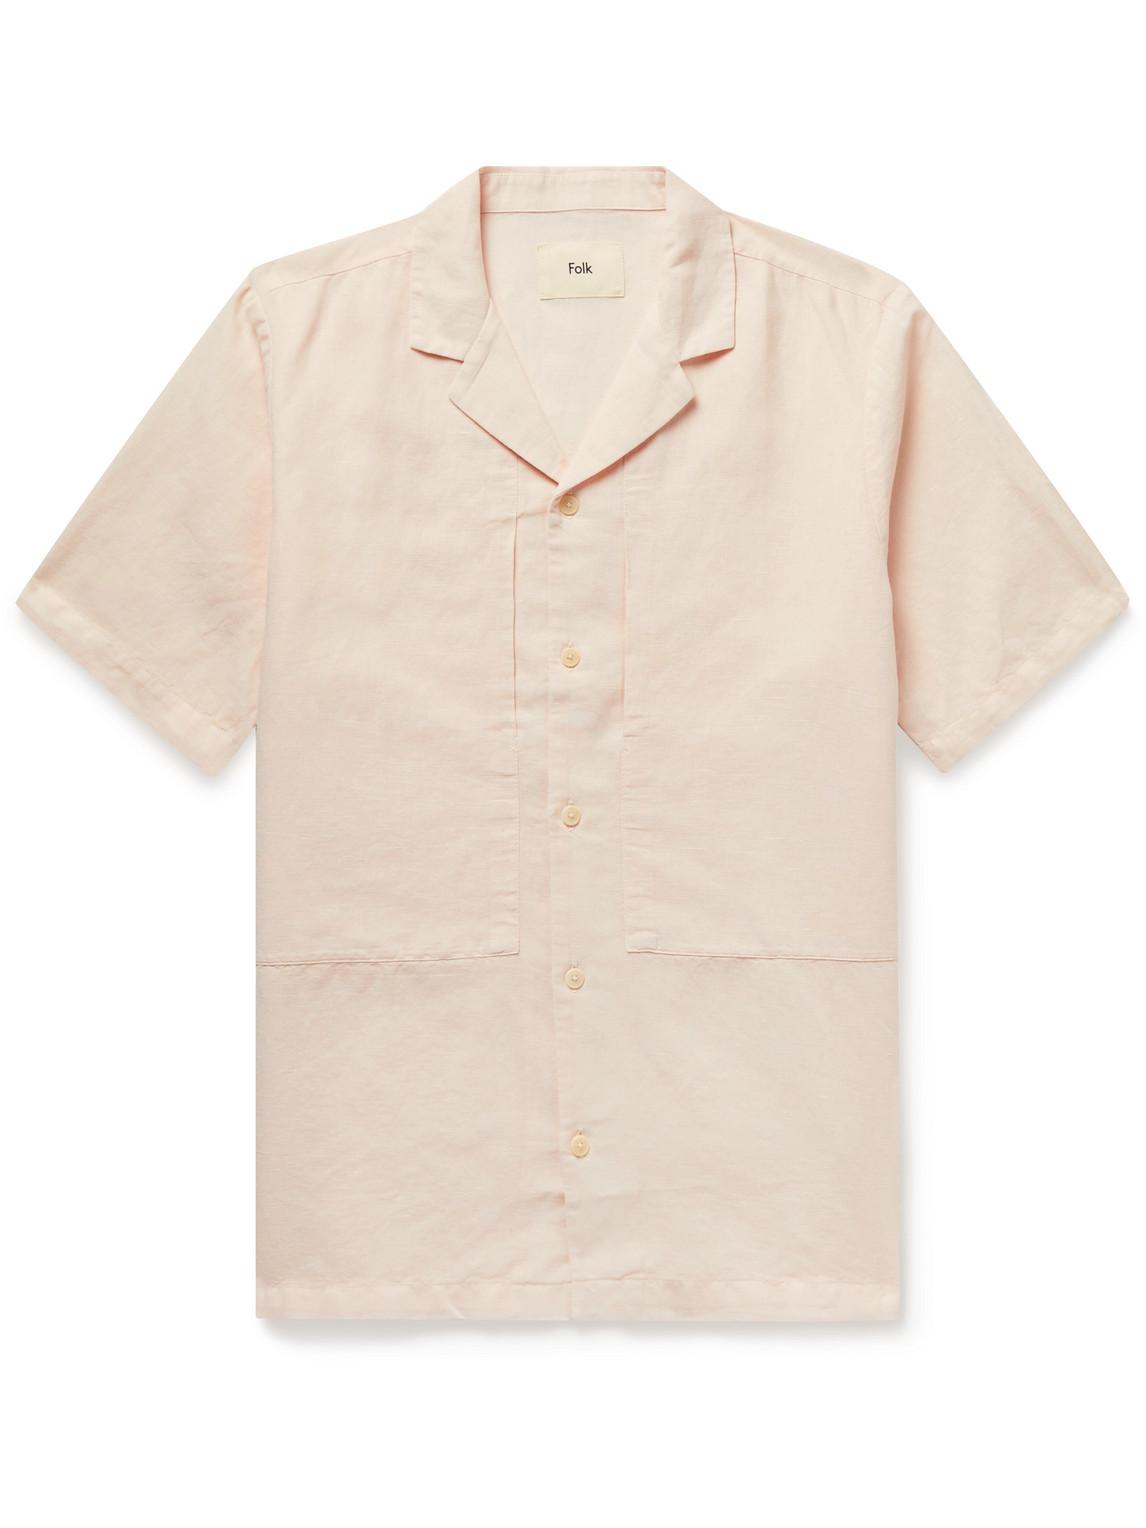 Folk Shirts JUNCTION CAMP-COLLAR LINEN AND COTTON-BLEND SHIRT